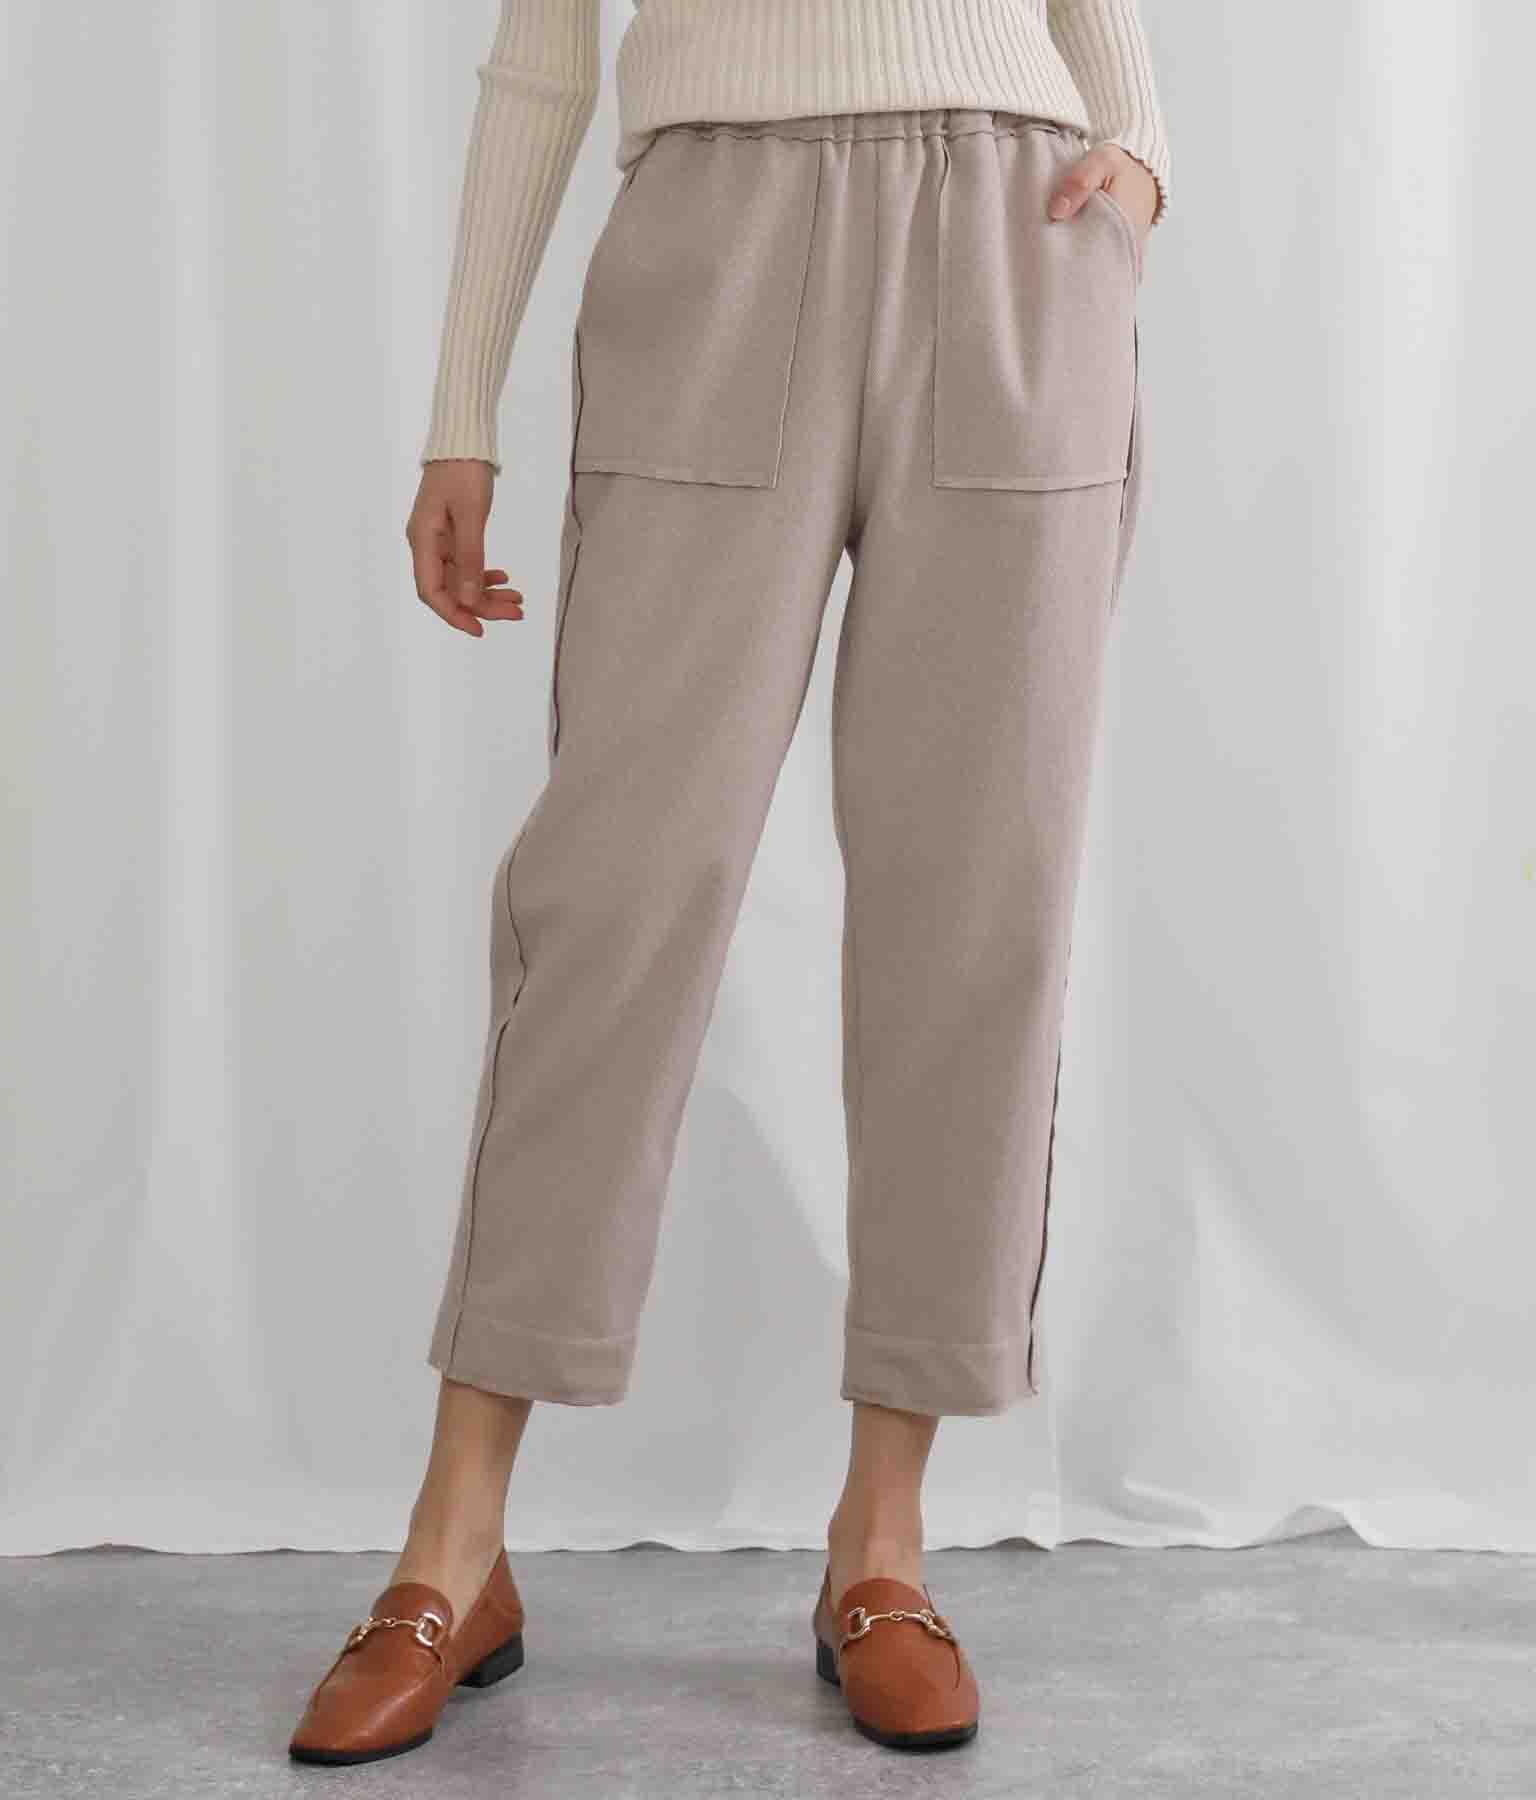 2ポケットデザインパンツ(ボトムス・パンツ /ロングパンツ) | Settimissimo